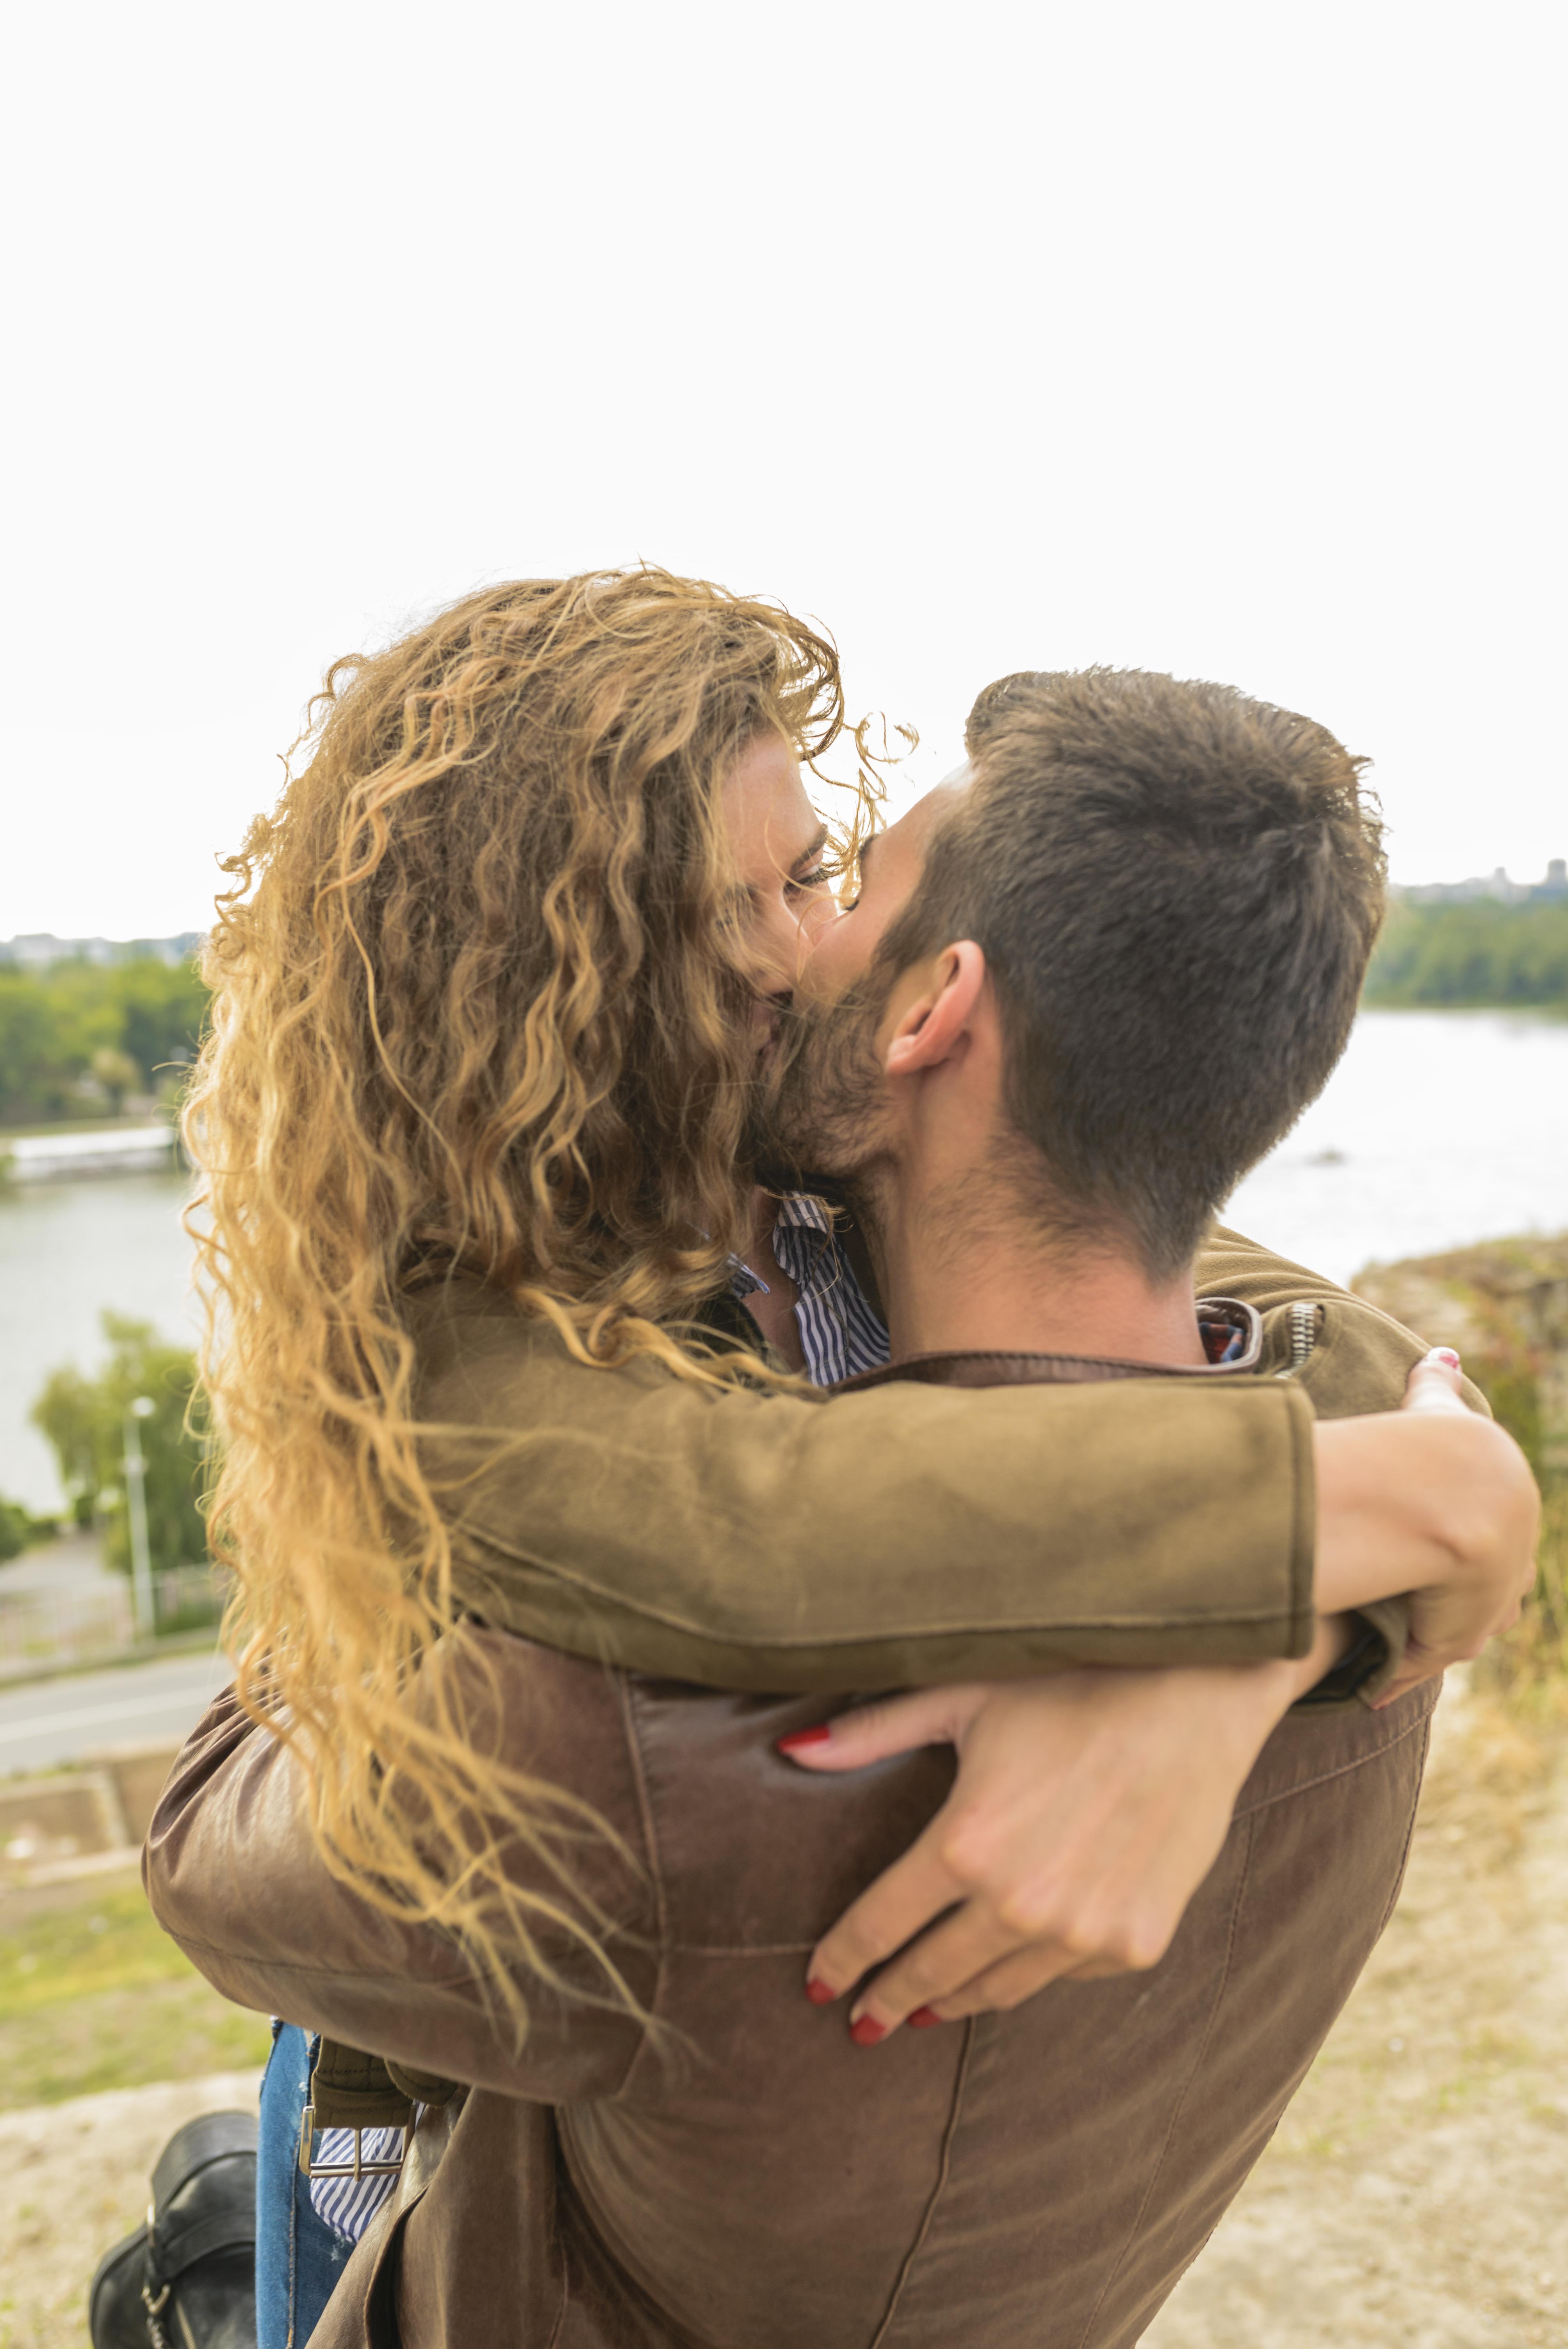 Plan Cul Dax Rencontre Homosexuel / Gay Enculeur